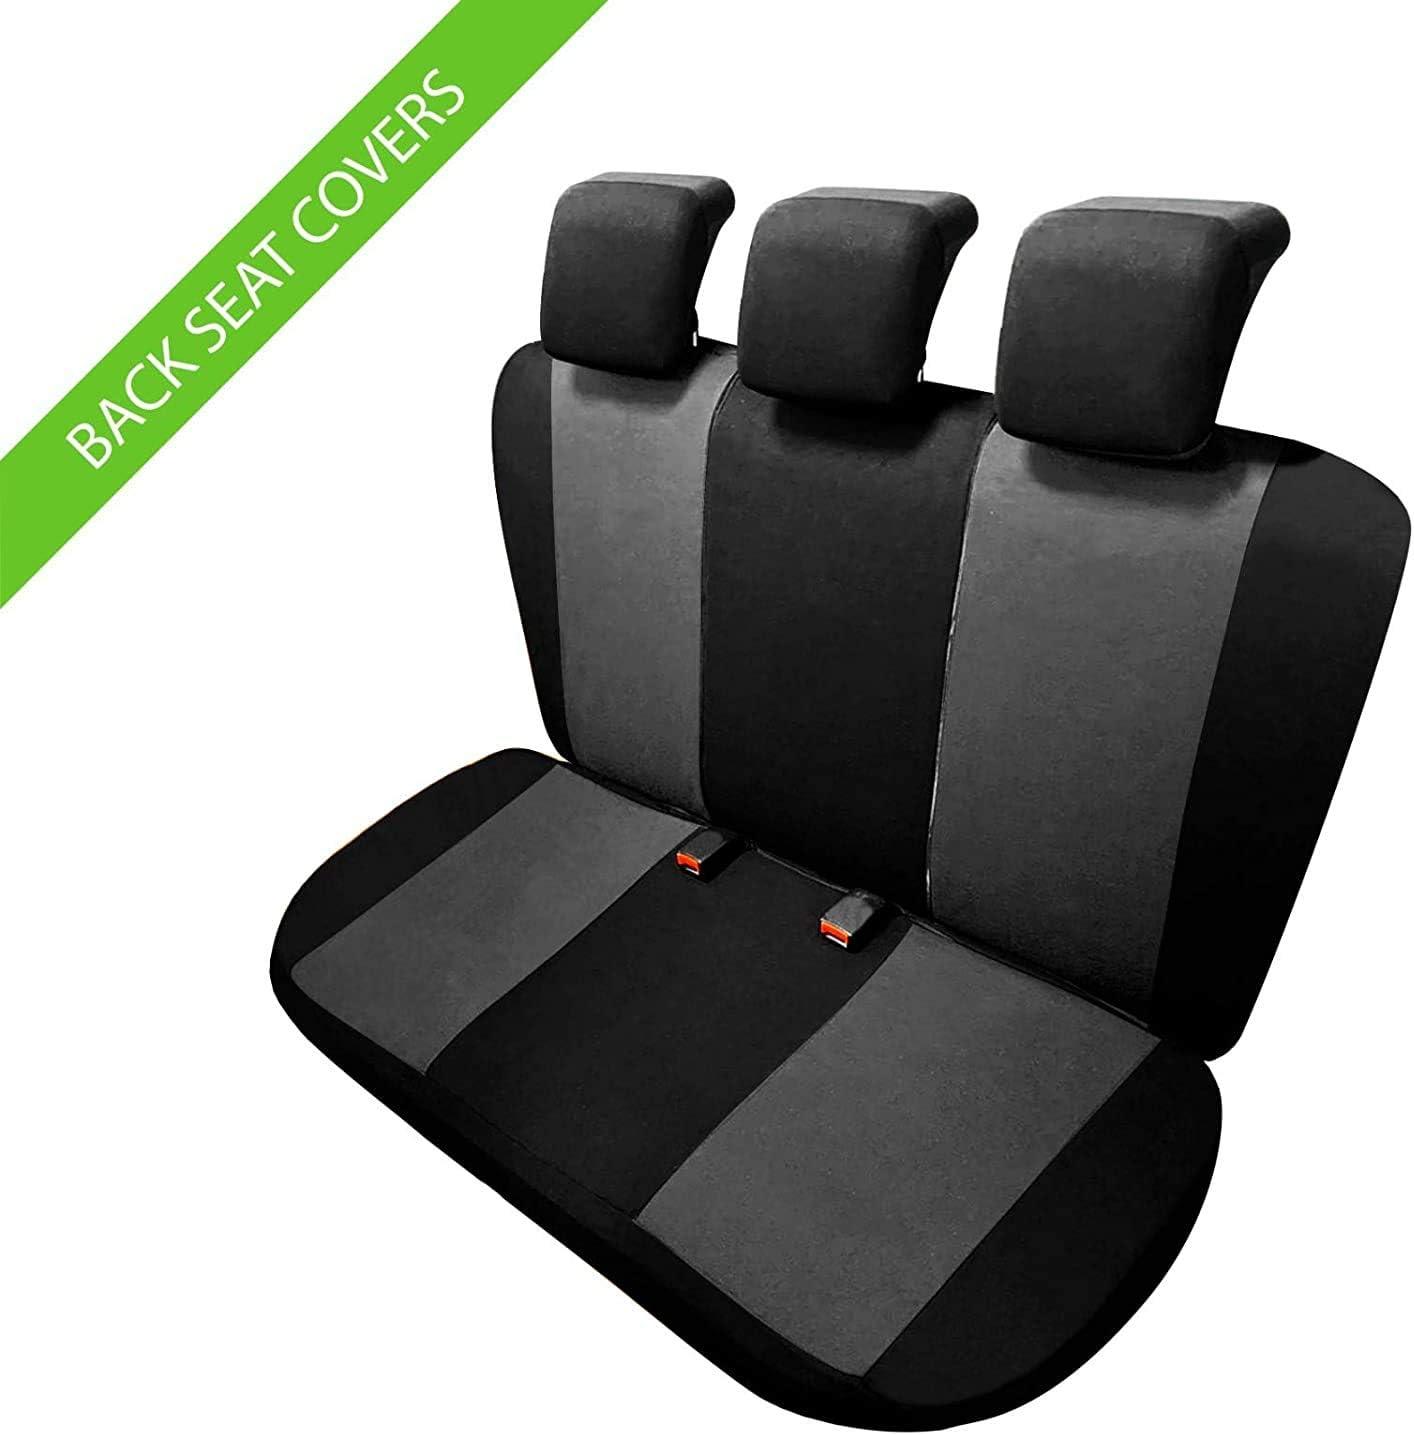 2016-in Poi Colore Nero Grigio rmg-distribuzione 1801 Coprisedili per Seat ATECA compatibili con Modelli